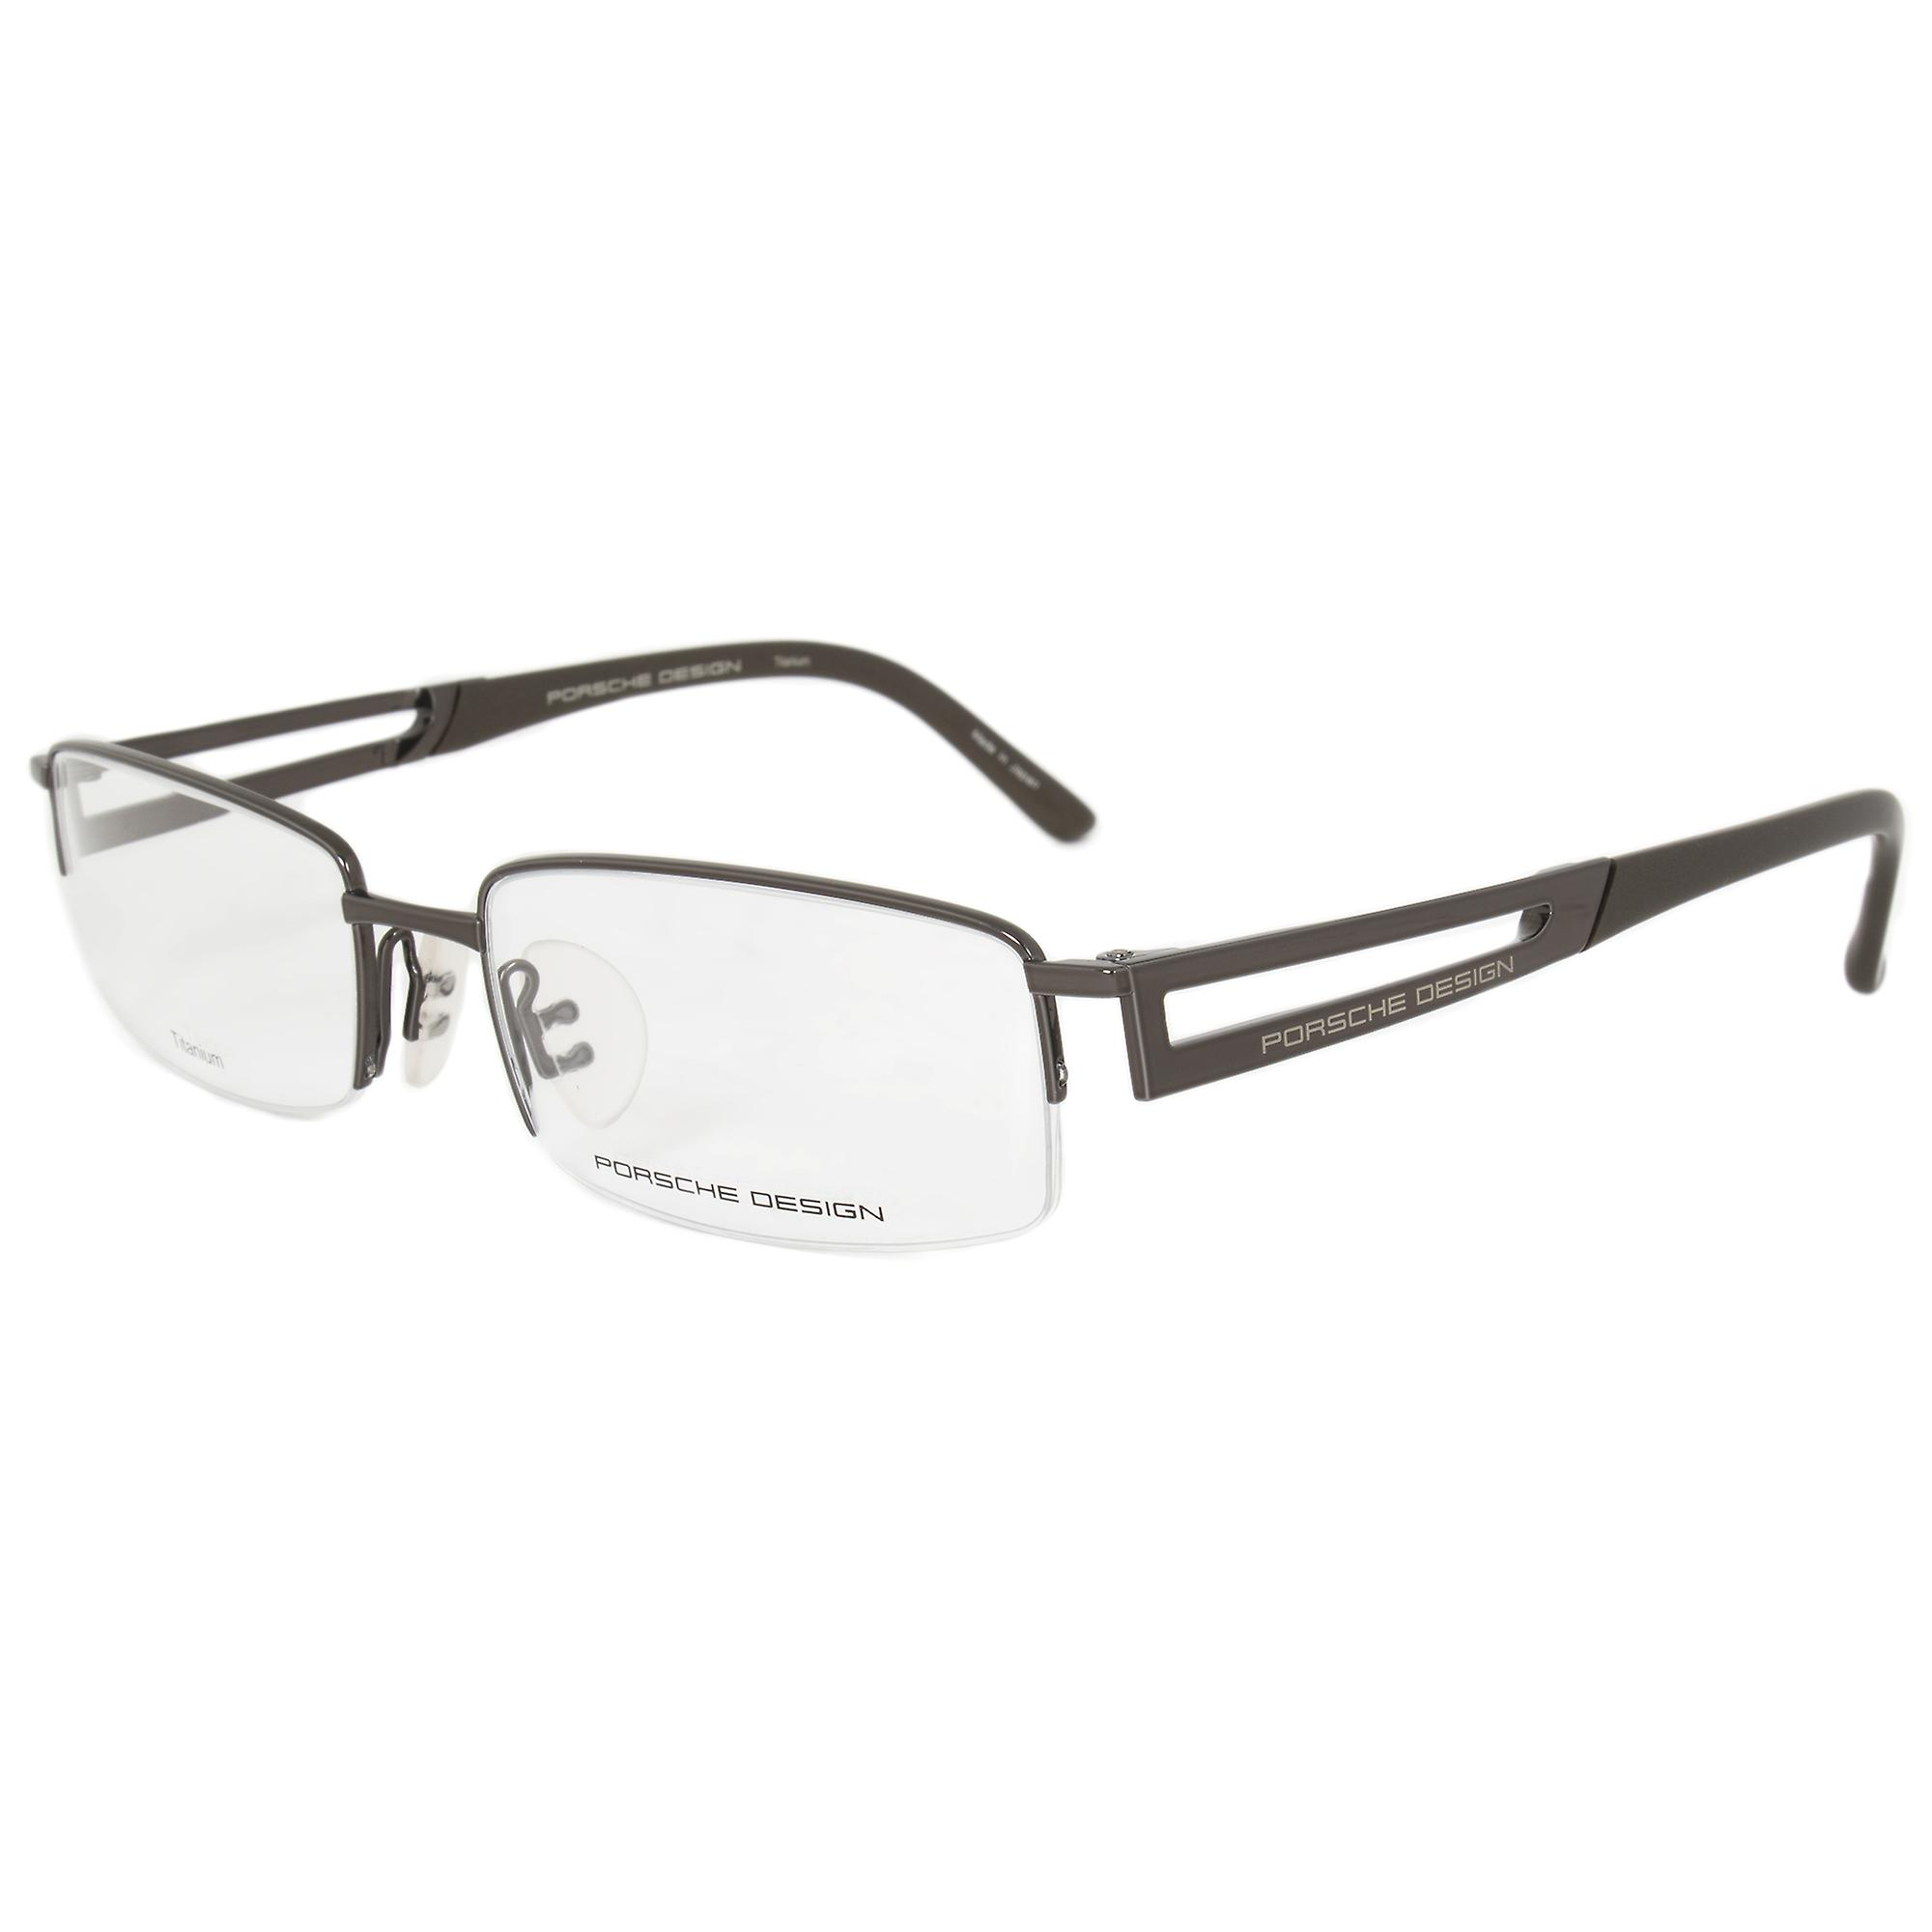 Porsche Design P8703 D Rectangular | Dark Brown| Eyeglass Frames